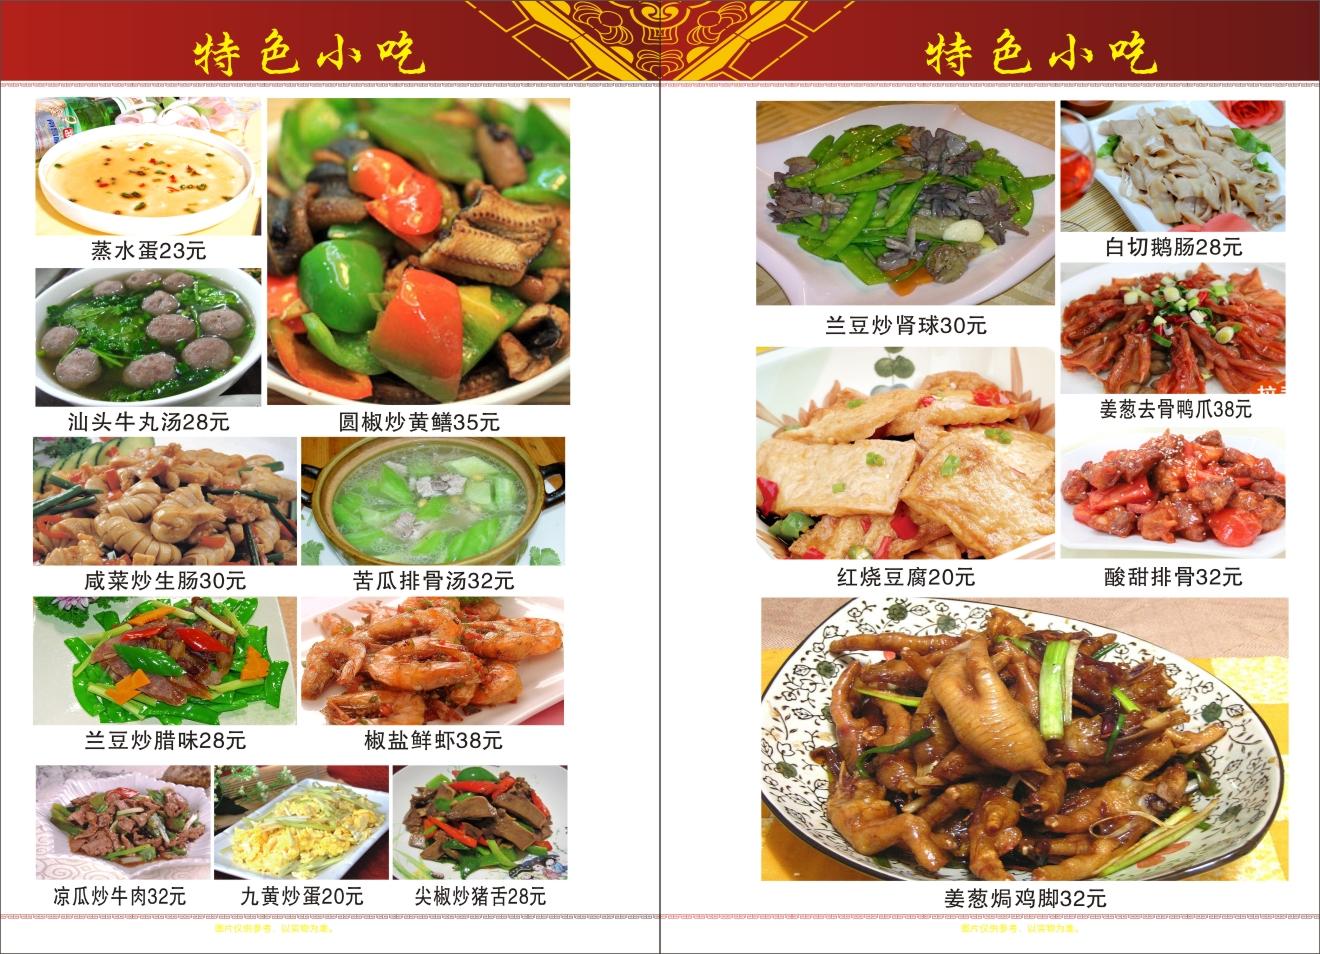 13猪肝册潮汕砂锅粥砂锅粥菜菜谱能和虾一起煮粥吗图片